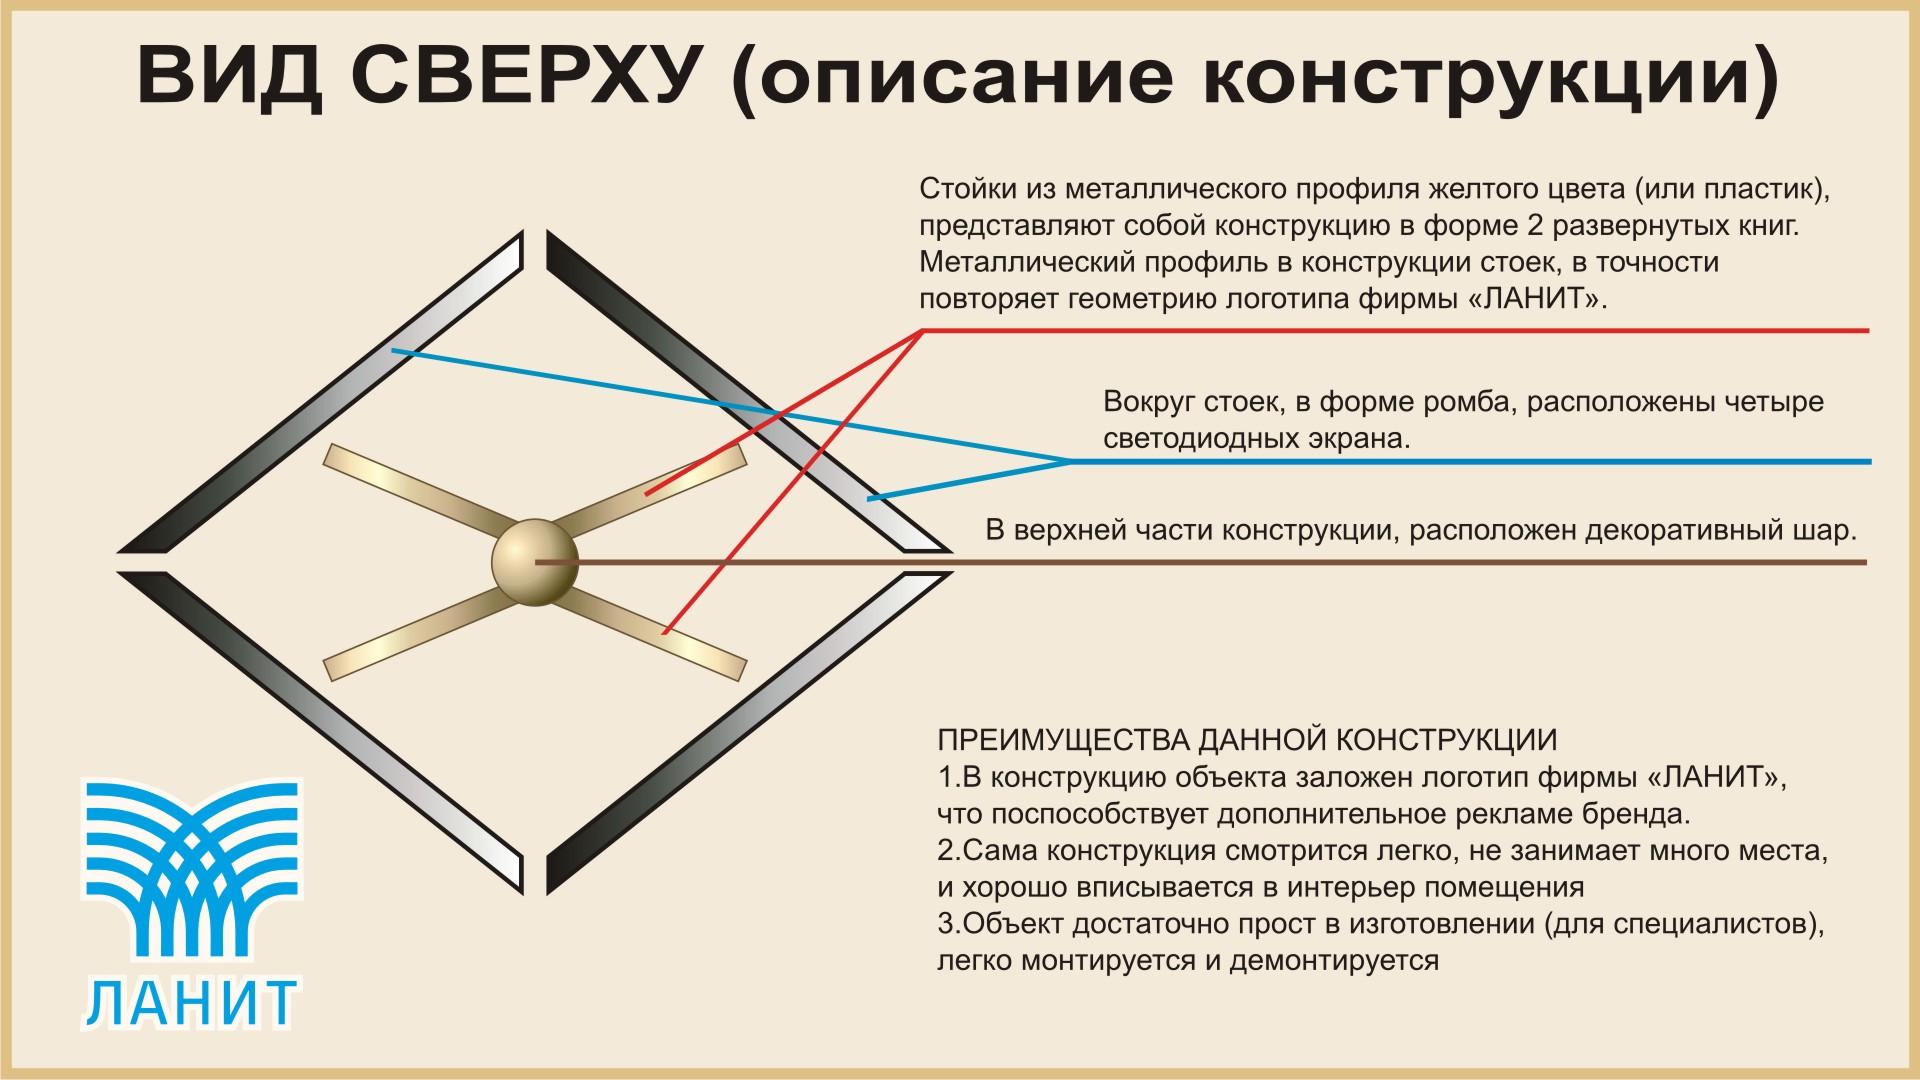 Разработка полигонального мультимедийного арт объекта! фото f_5965bf1a502e6349.jpg